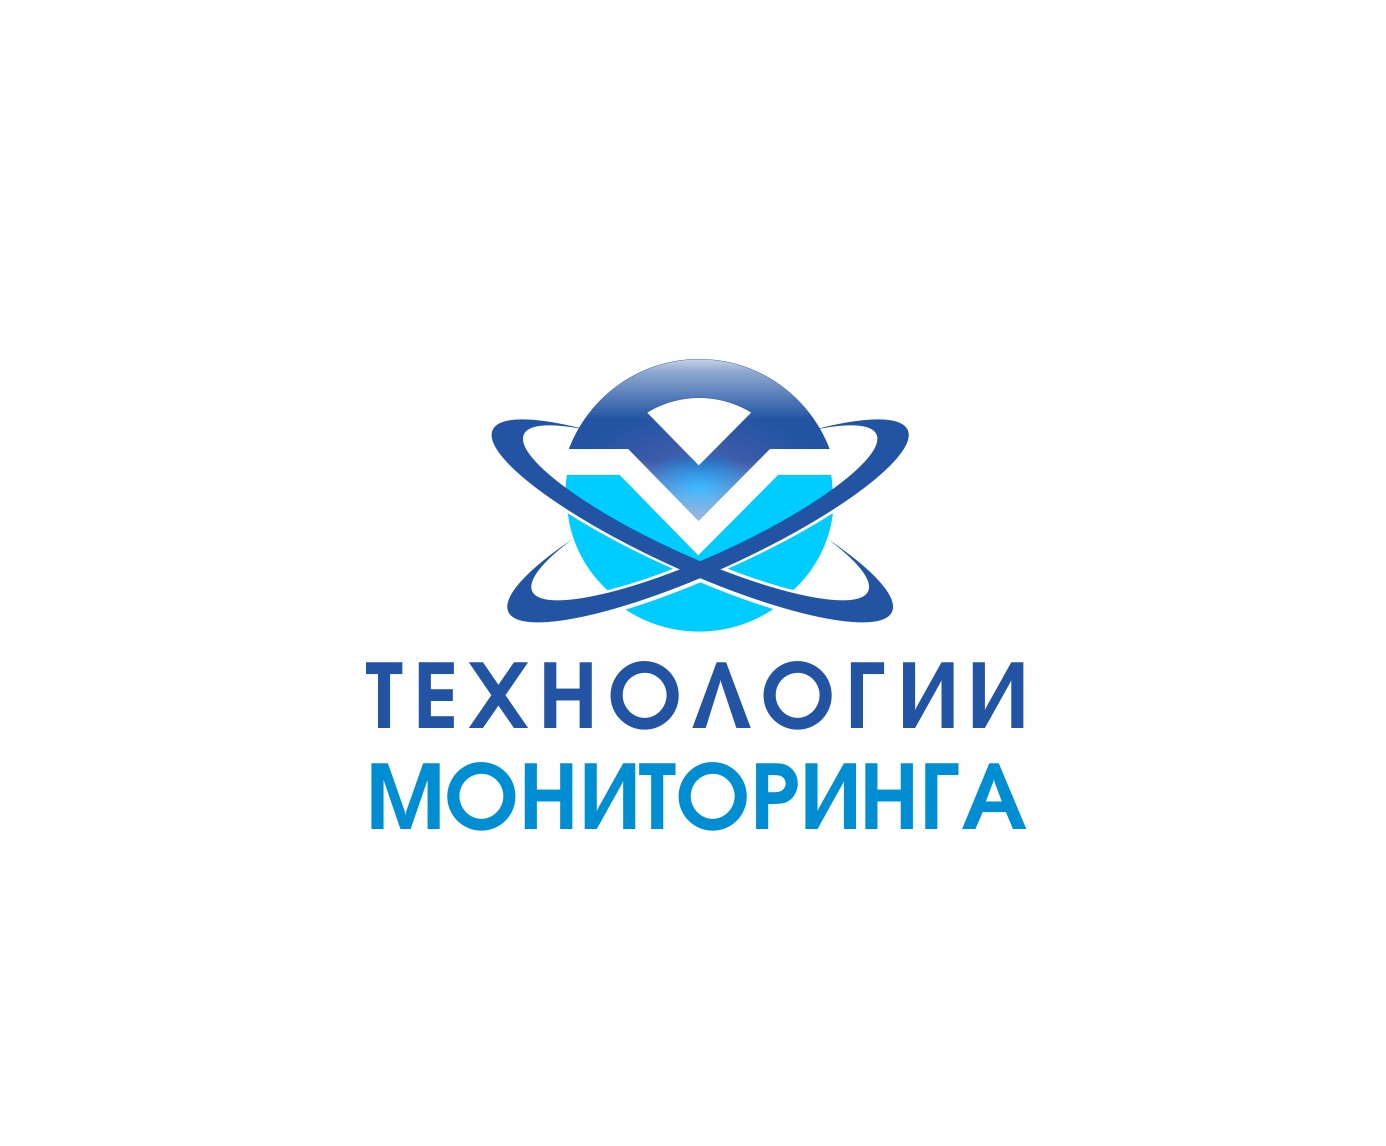 Разработка логотипа фото f_352596dc1f4acd1c.jpg